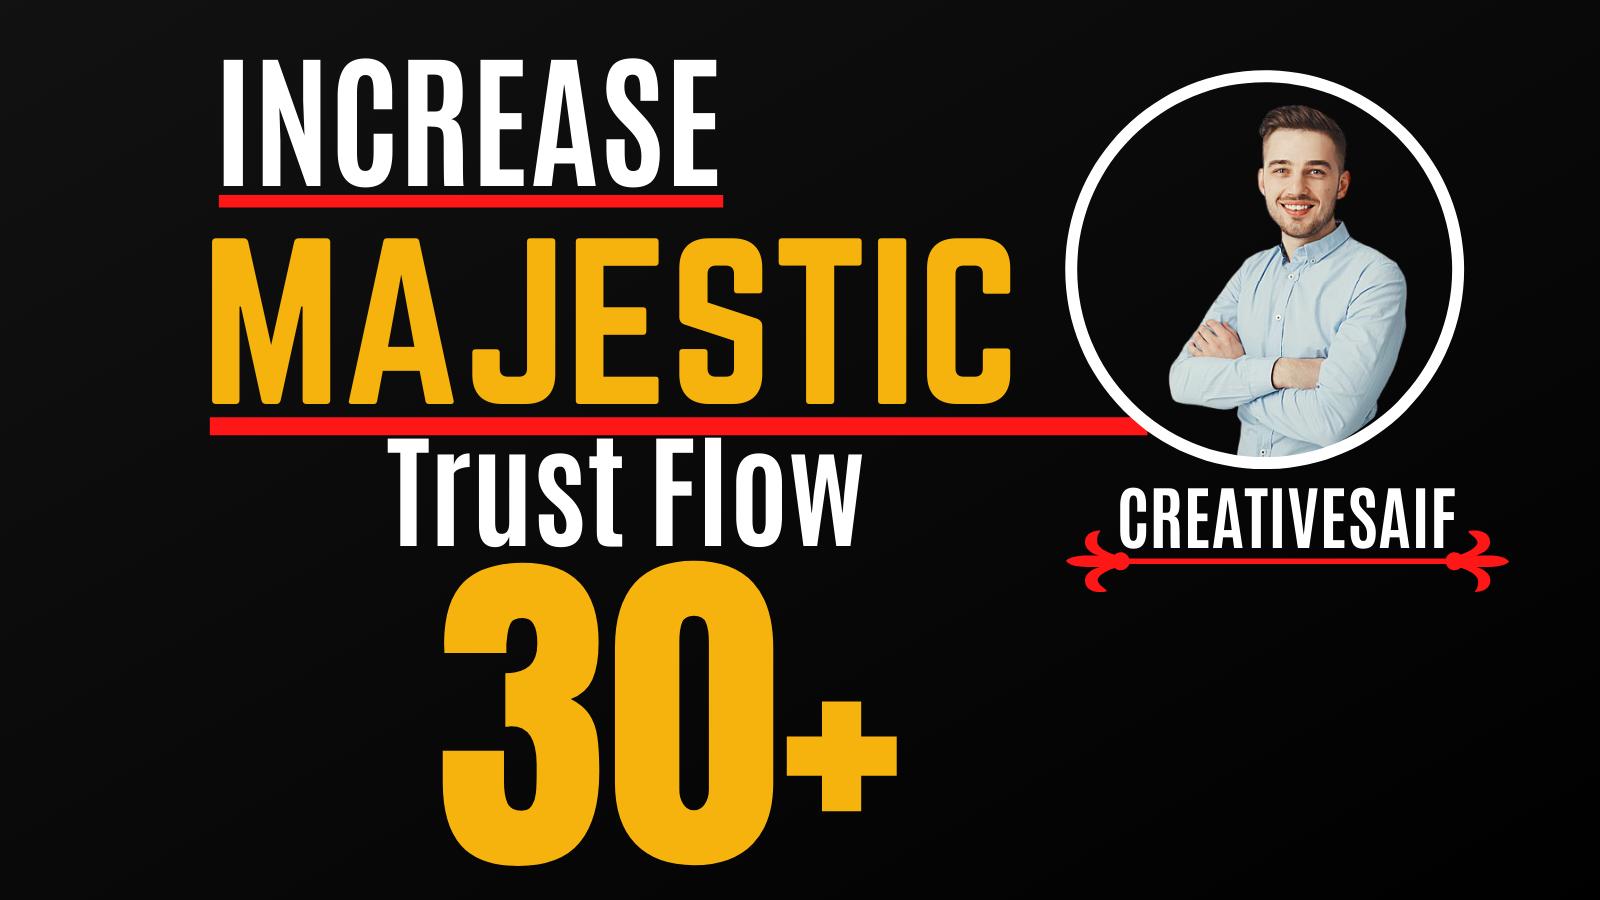 I will increase trust flow,  majestic tf 30plus guaranteed